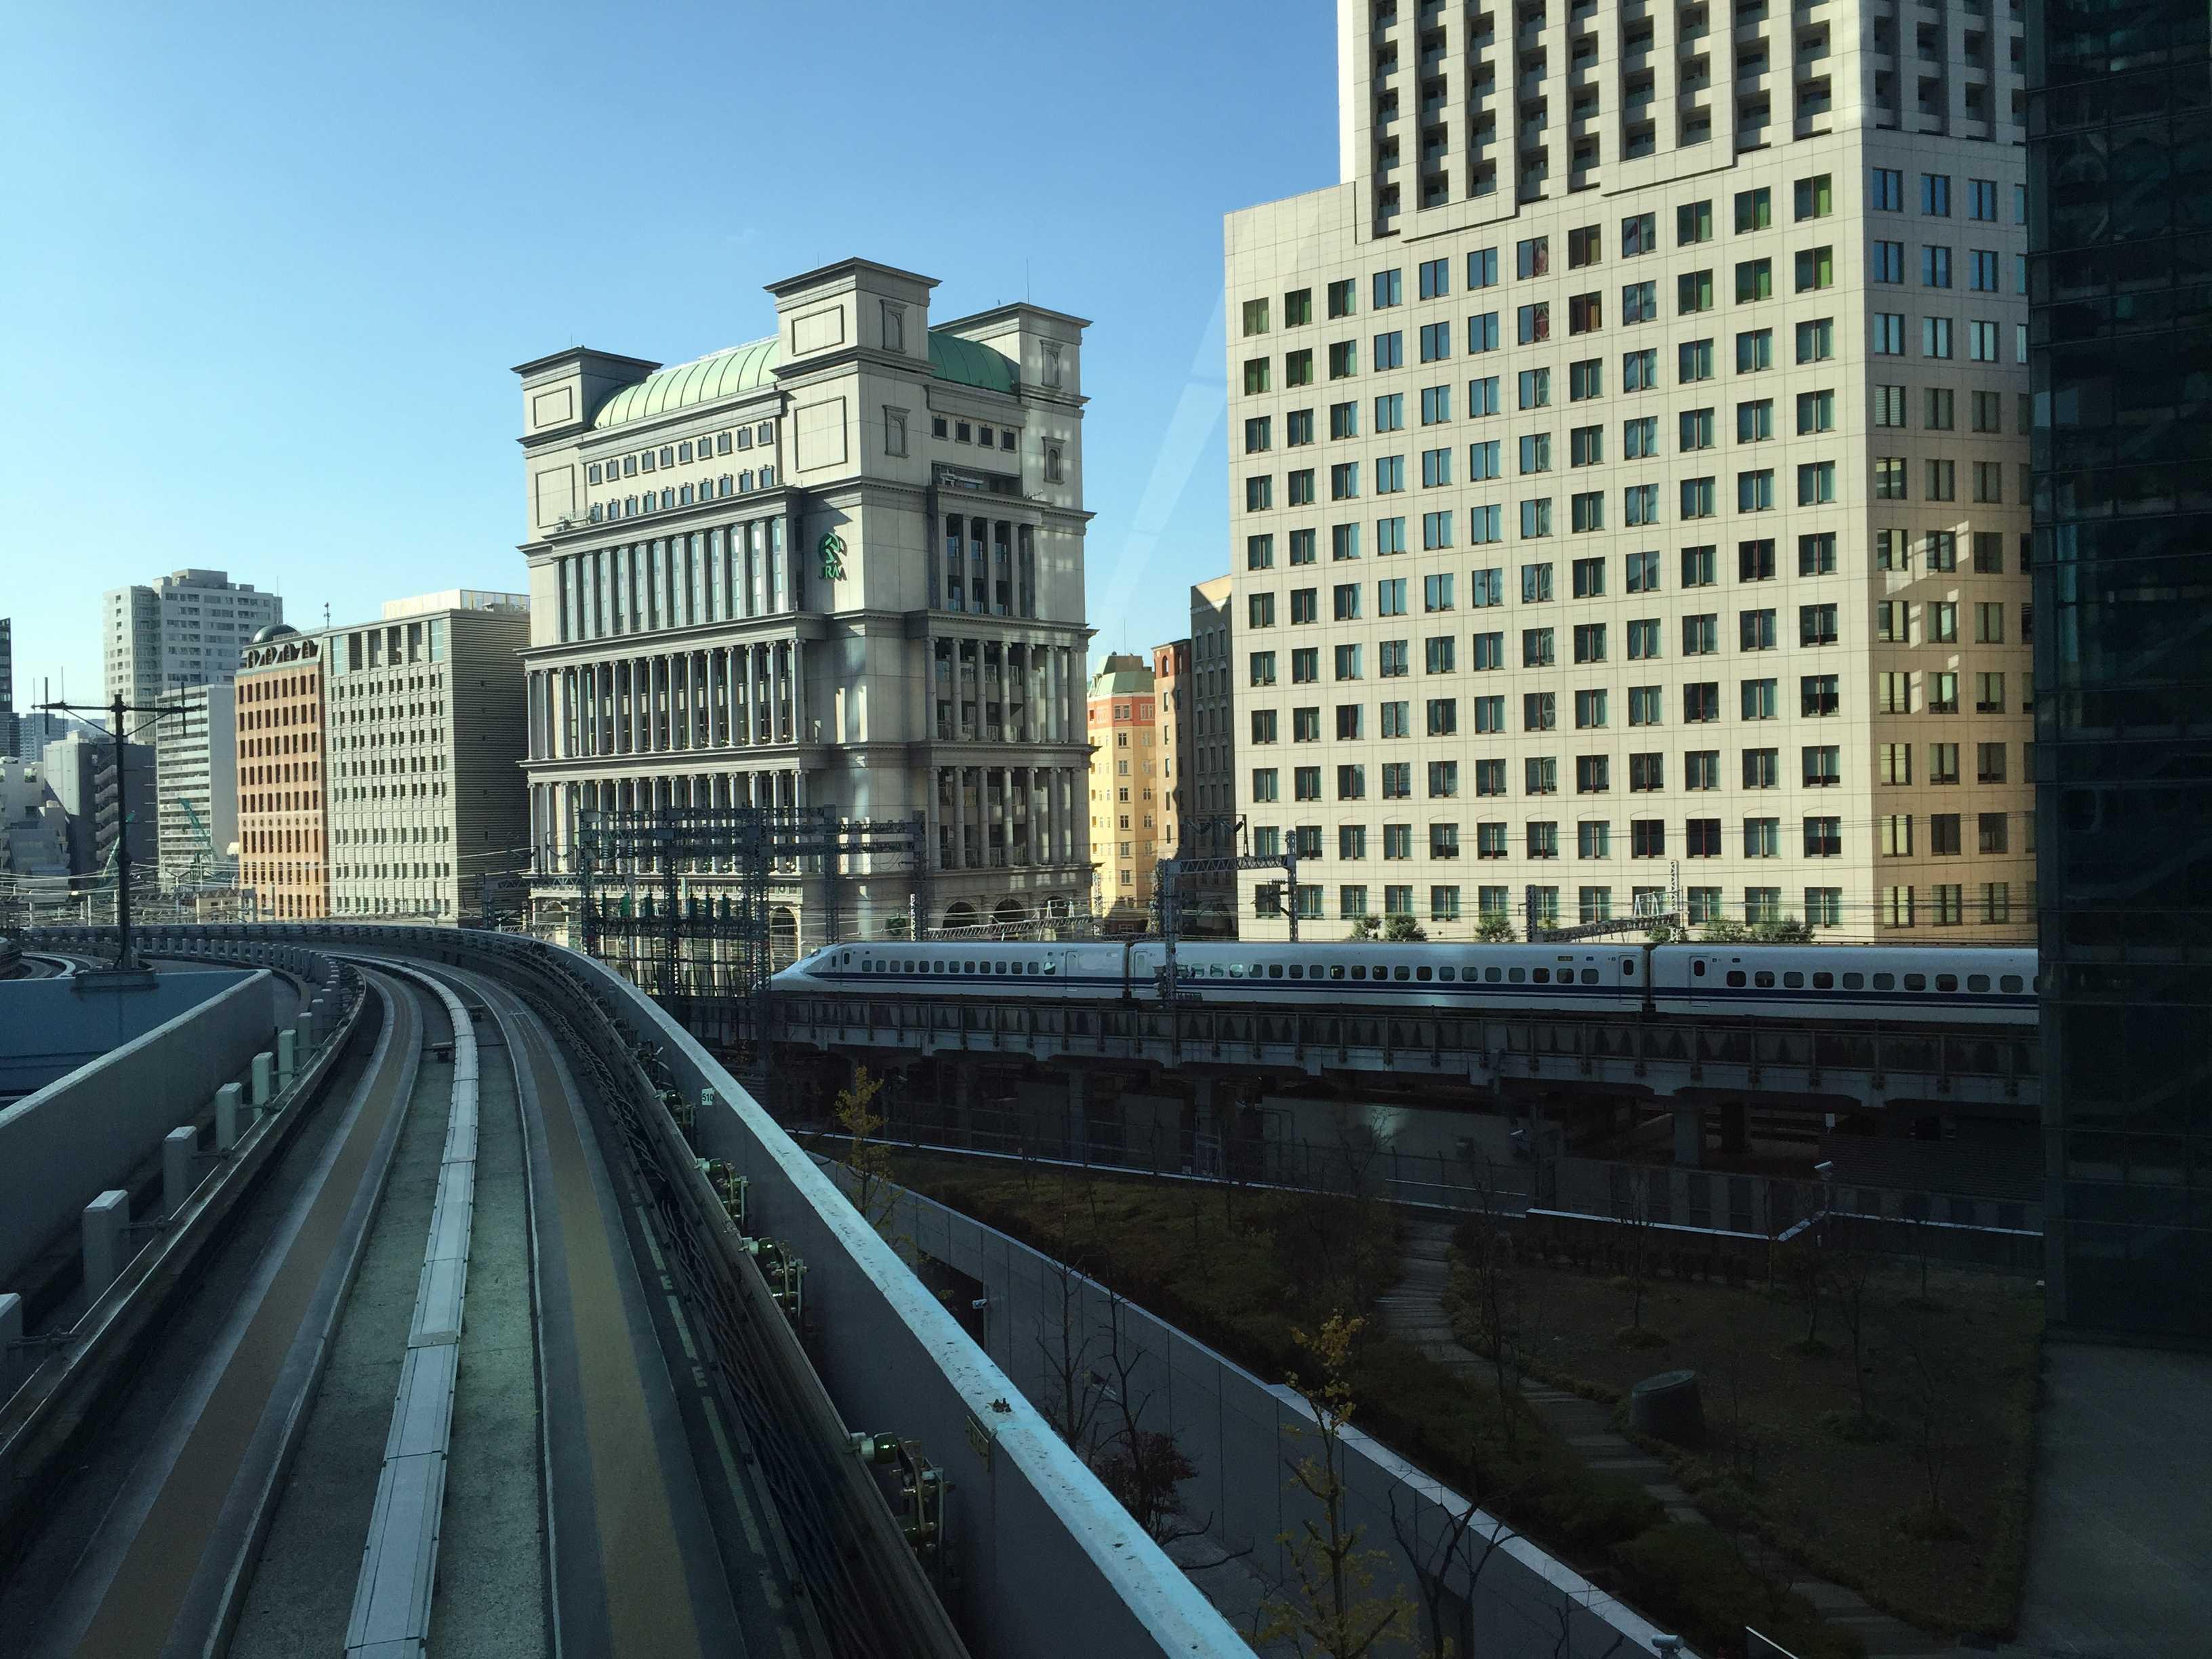 ゆりかもめから見えた東海道新幹線